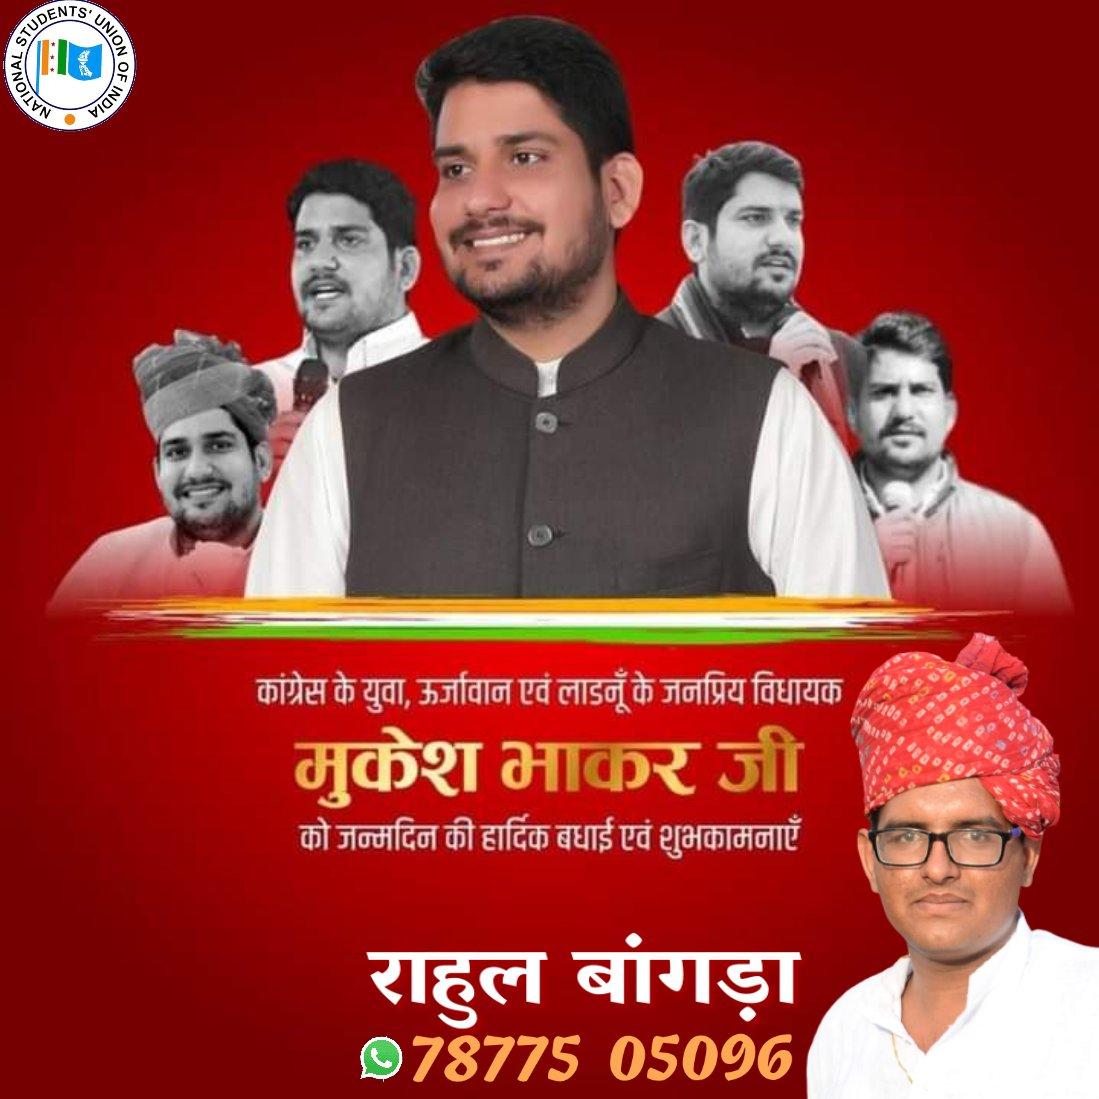 राजस्थान की युवा शक्ति के प्रतीक आदरणीय विधायक महोदय Mukesh Bhakar भाई साहब को जन्मदिन की बहुत बहुत बधाई और शुभकामनाएं #HBDNETAJI #mukeshbhatt